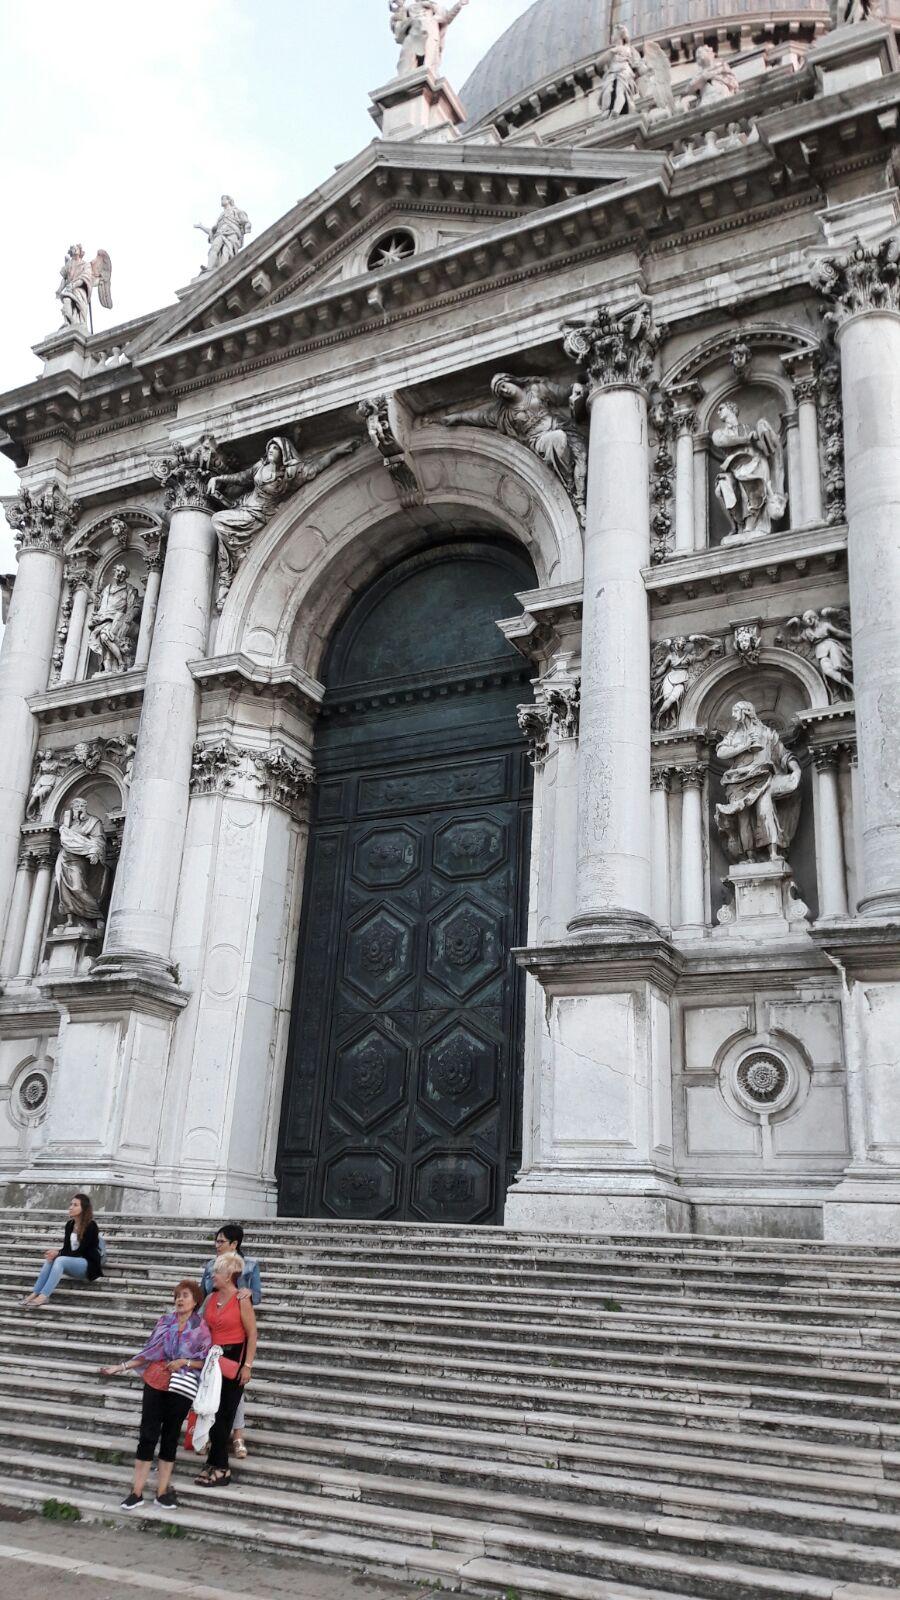 Ino, Rosa y M. Jose en la escalinata de Santa Maria de la Salute en Venecia.